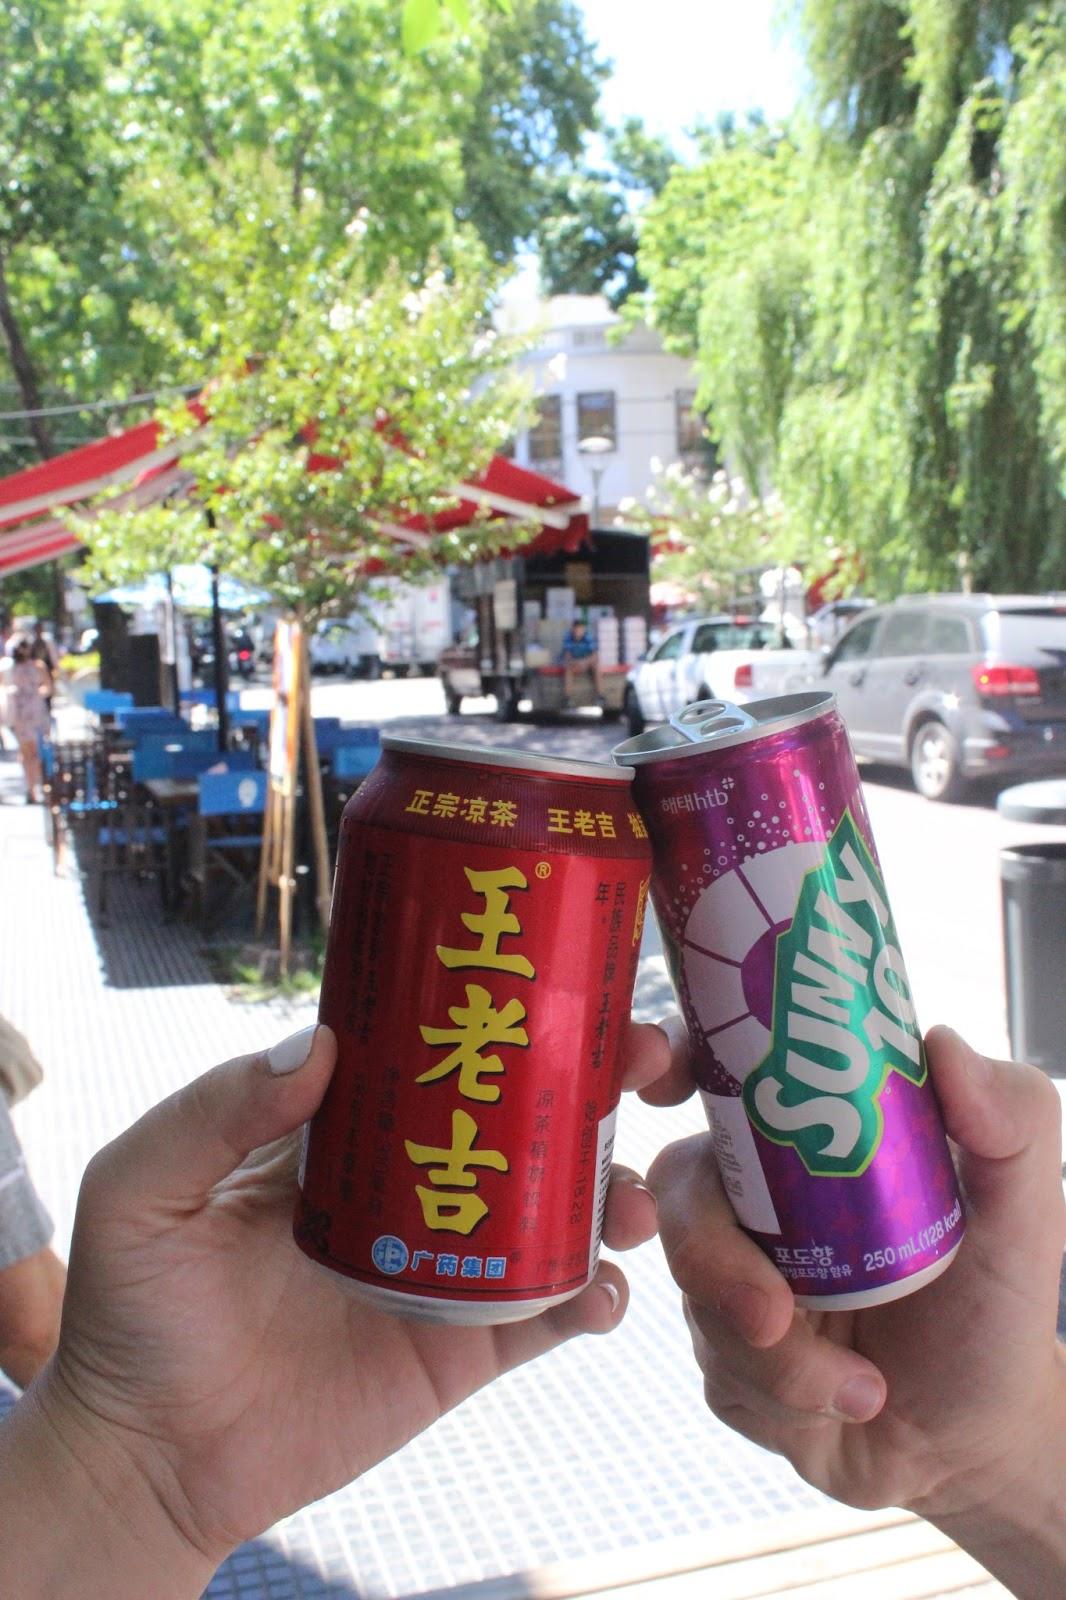 bebidas barrio chino